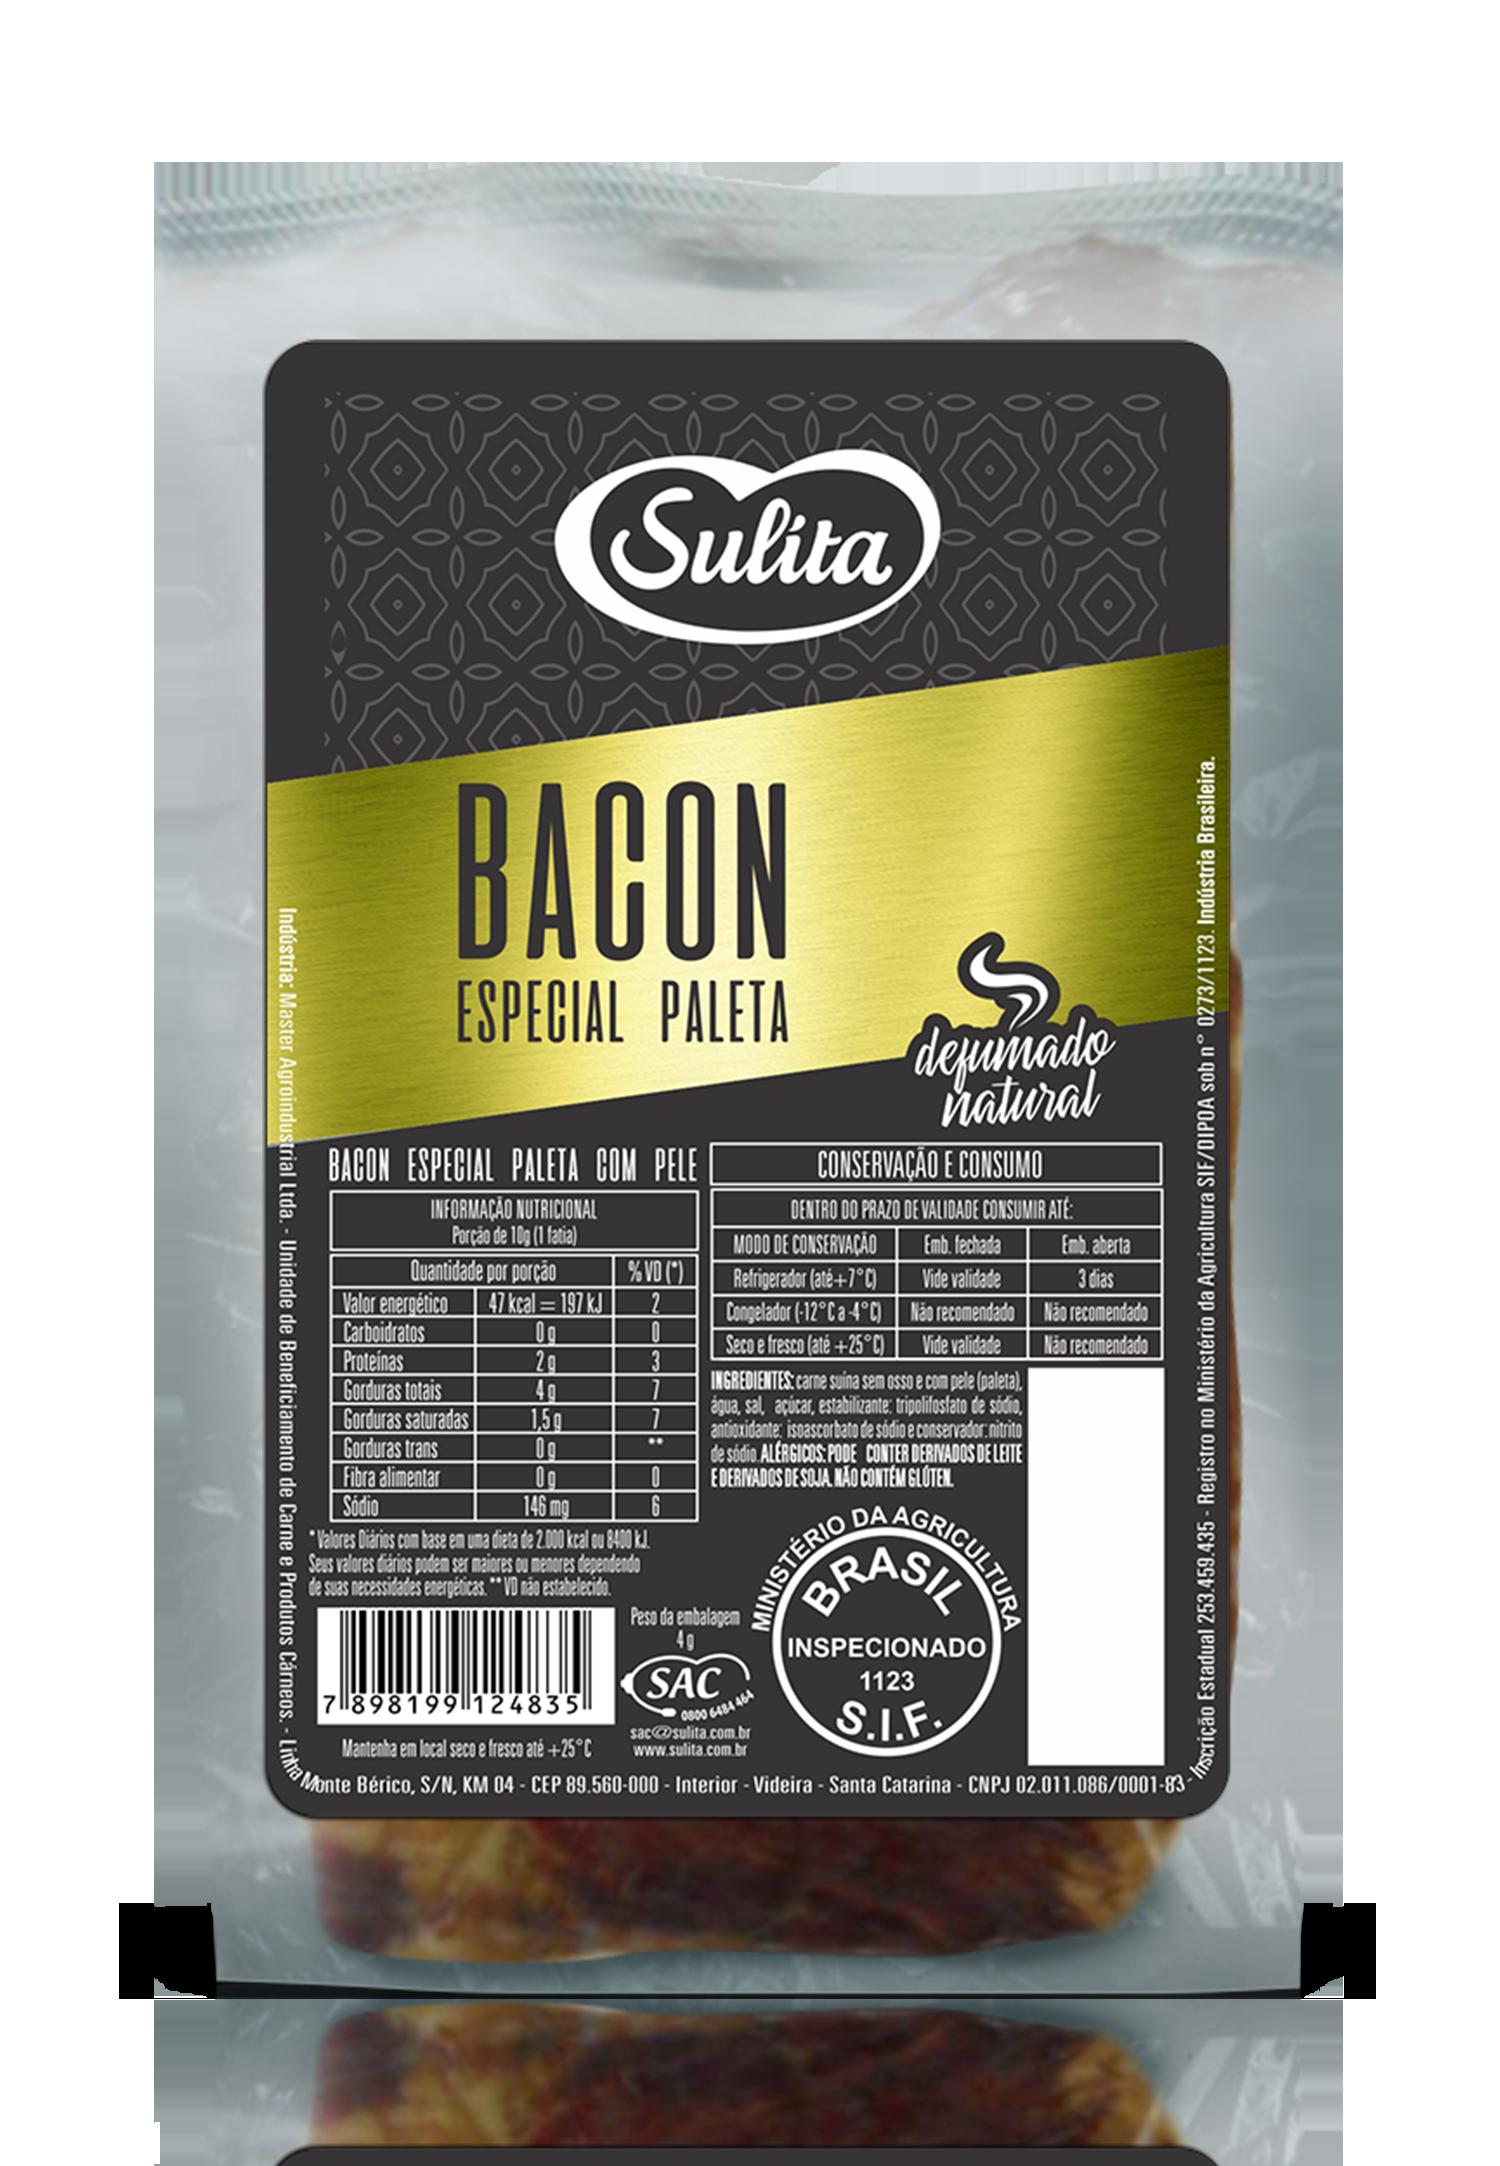 Bacon especia Paleta